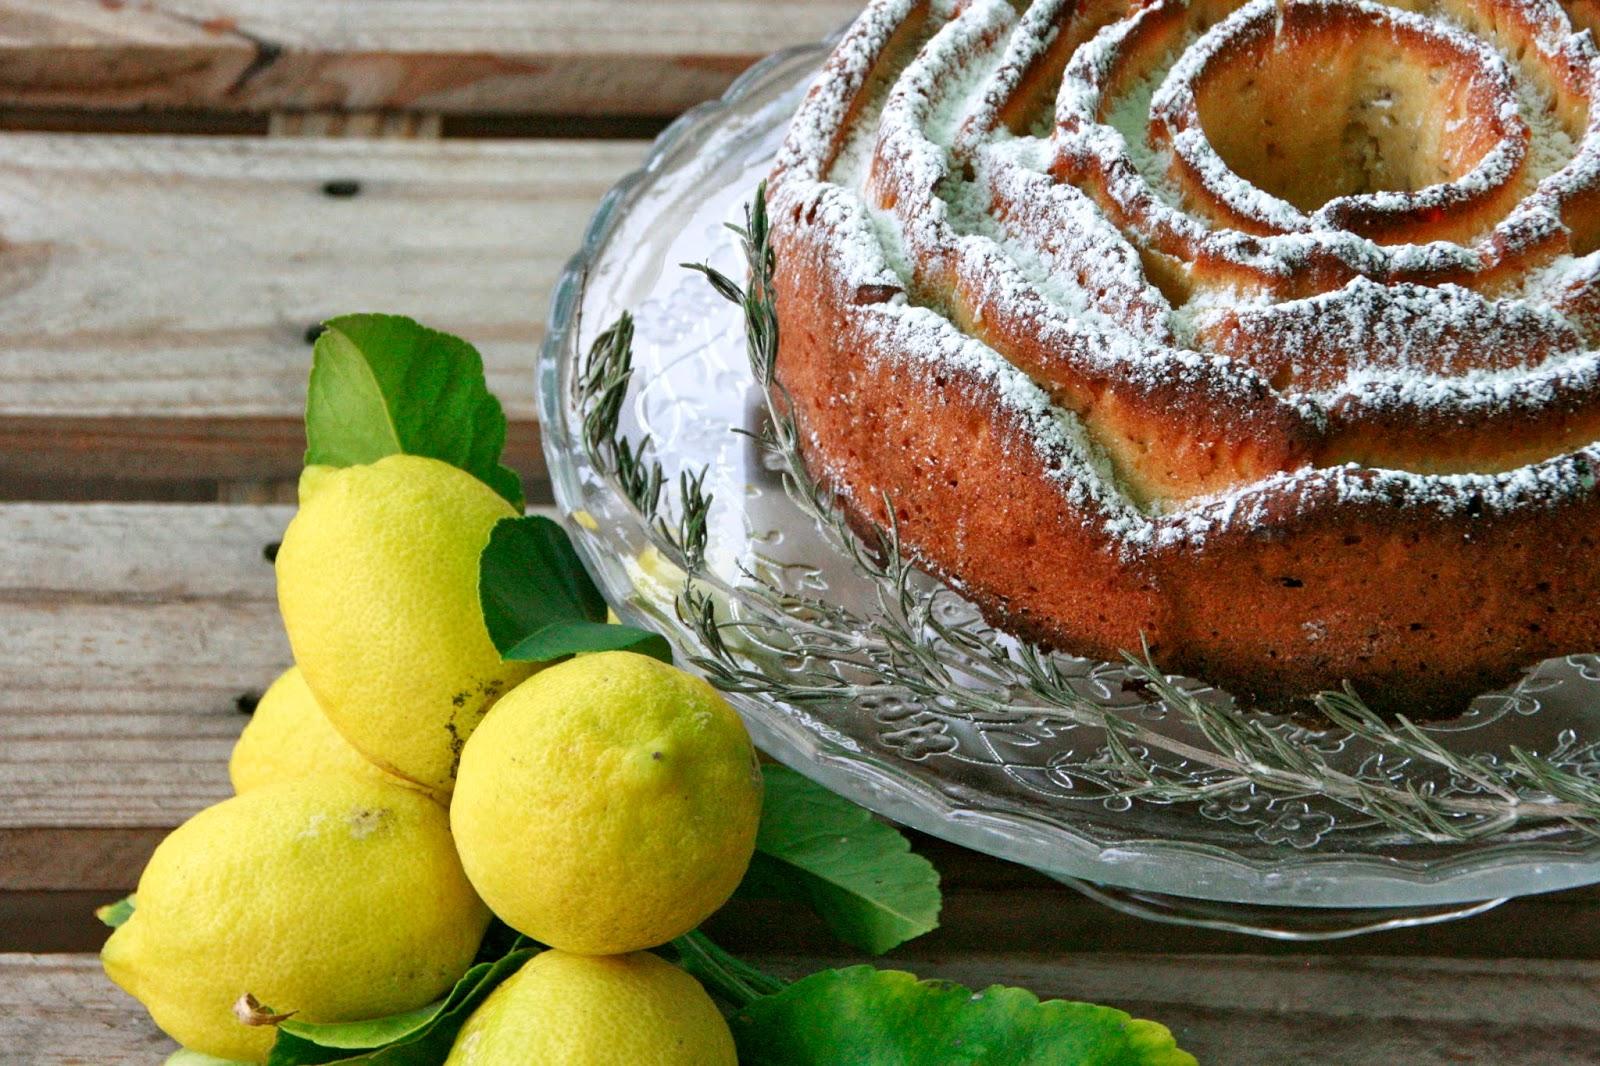 recepta d'un bon bundt cake de llimona i romaní per esmorzar